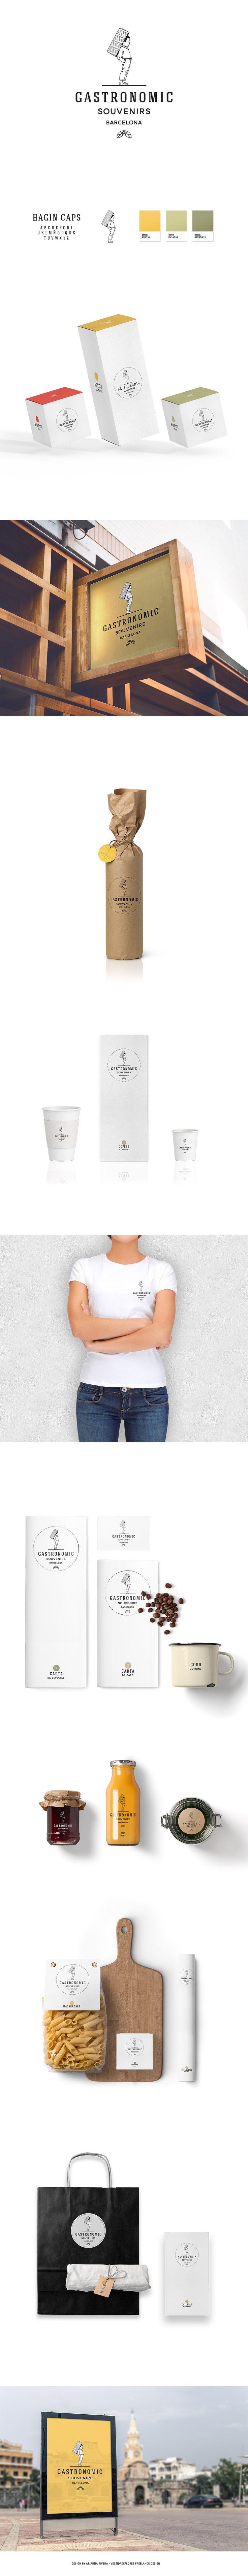 Ariadna Rivera - vestidadeflores - Diseño Identidad y packaging Gastronomic Souvenirs